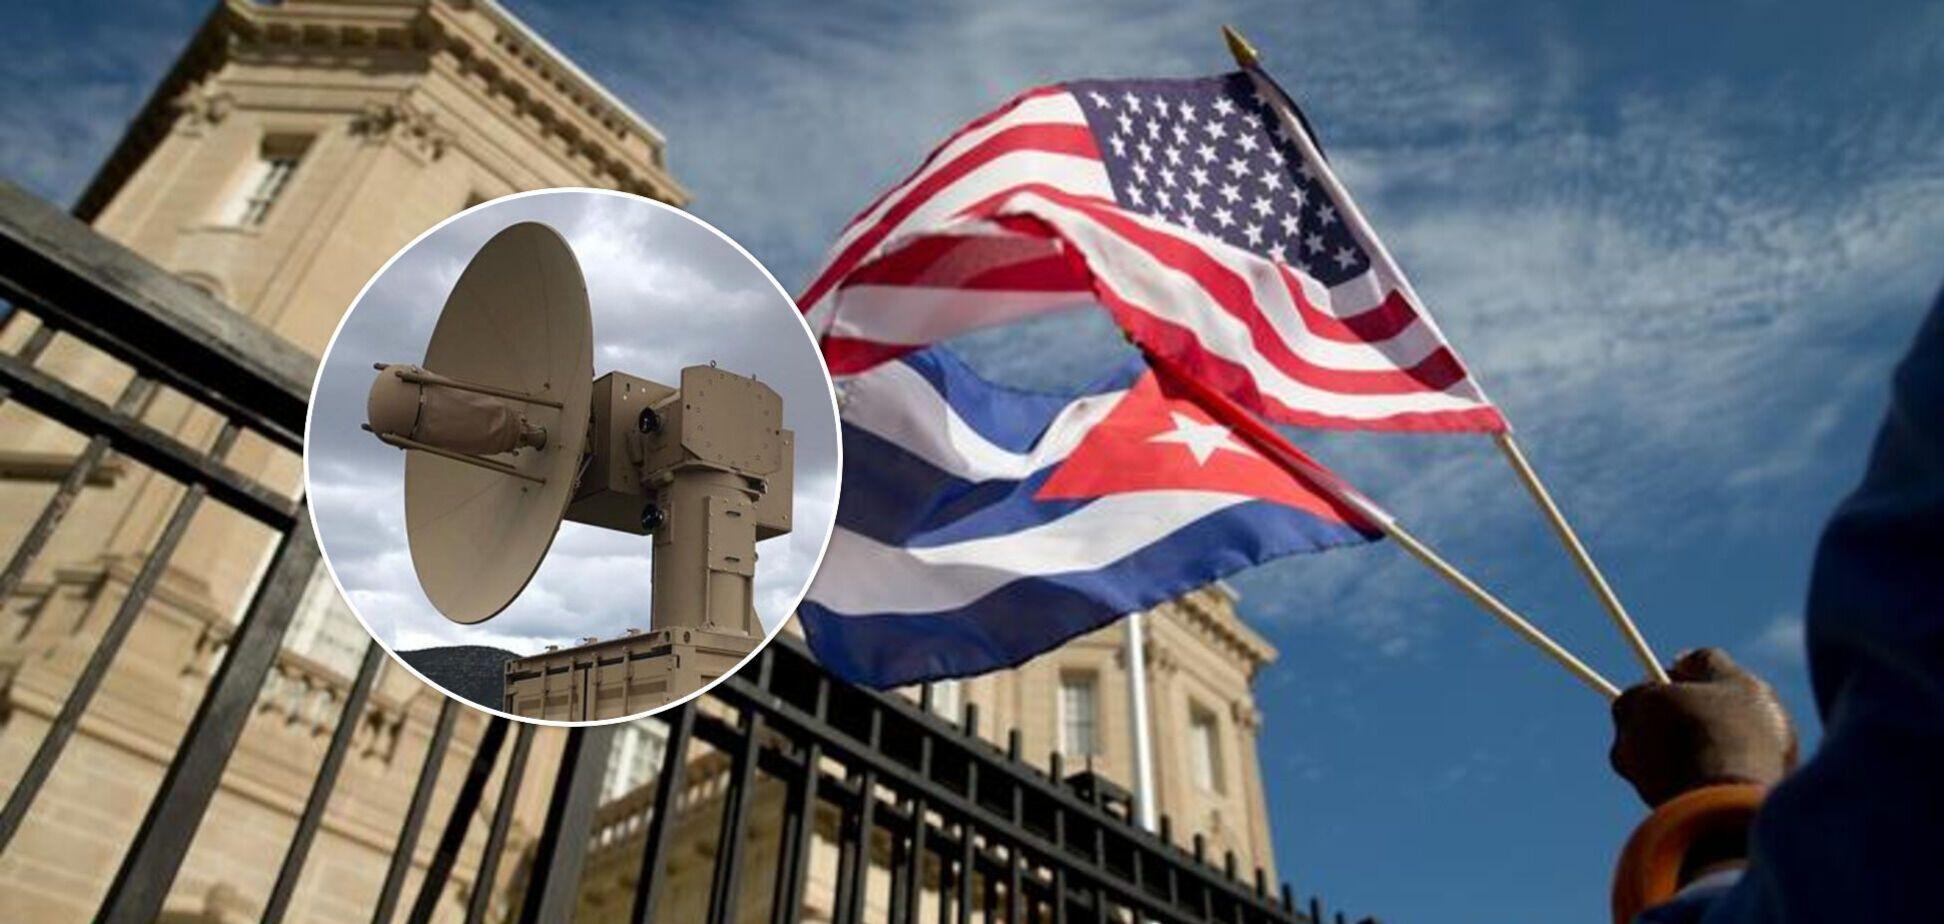 Россия могла атаковать дипломатов США на Кубе при помощи микроволн: болезнь сразила более 19 человек